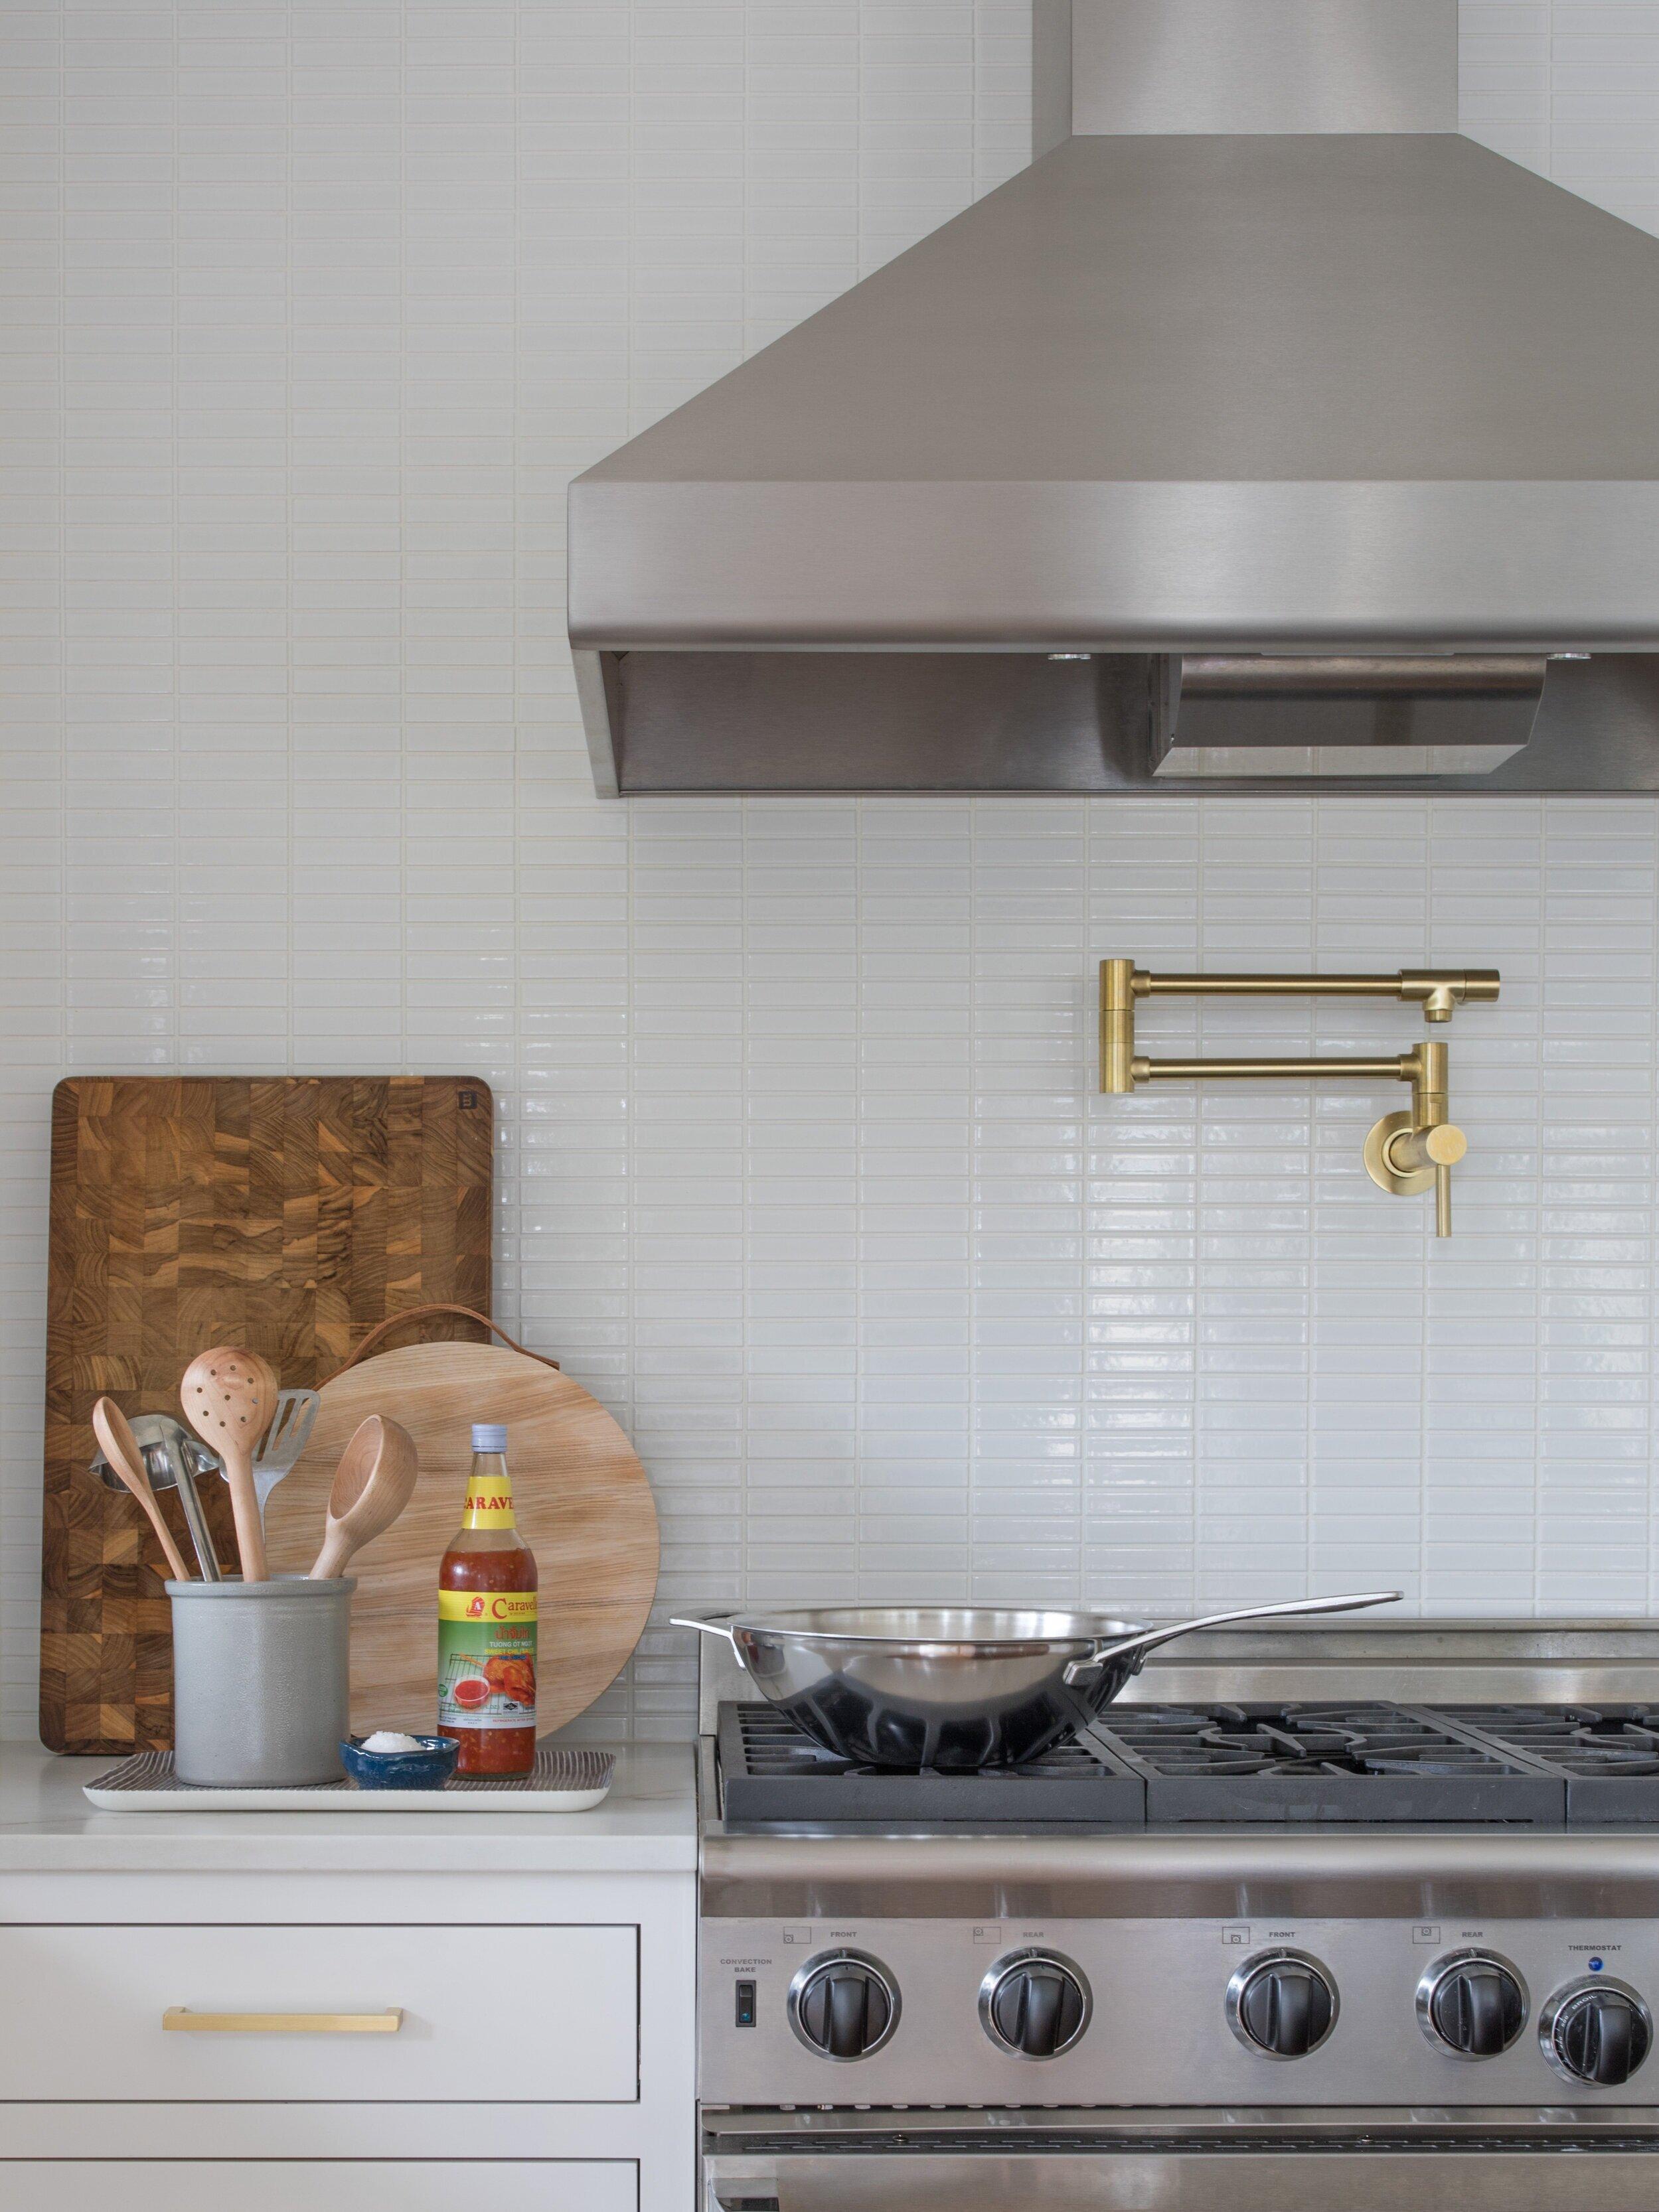 Casework_2017 BOYD_Kitchen Detail_02.jpg